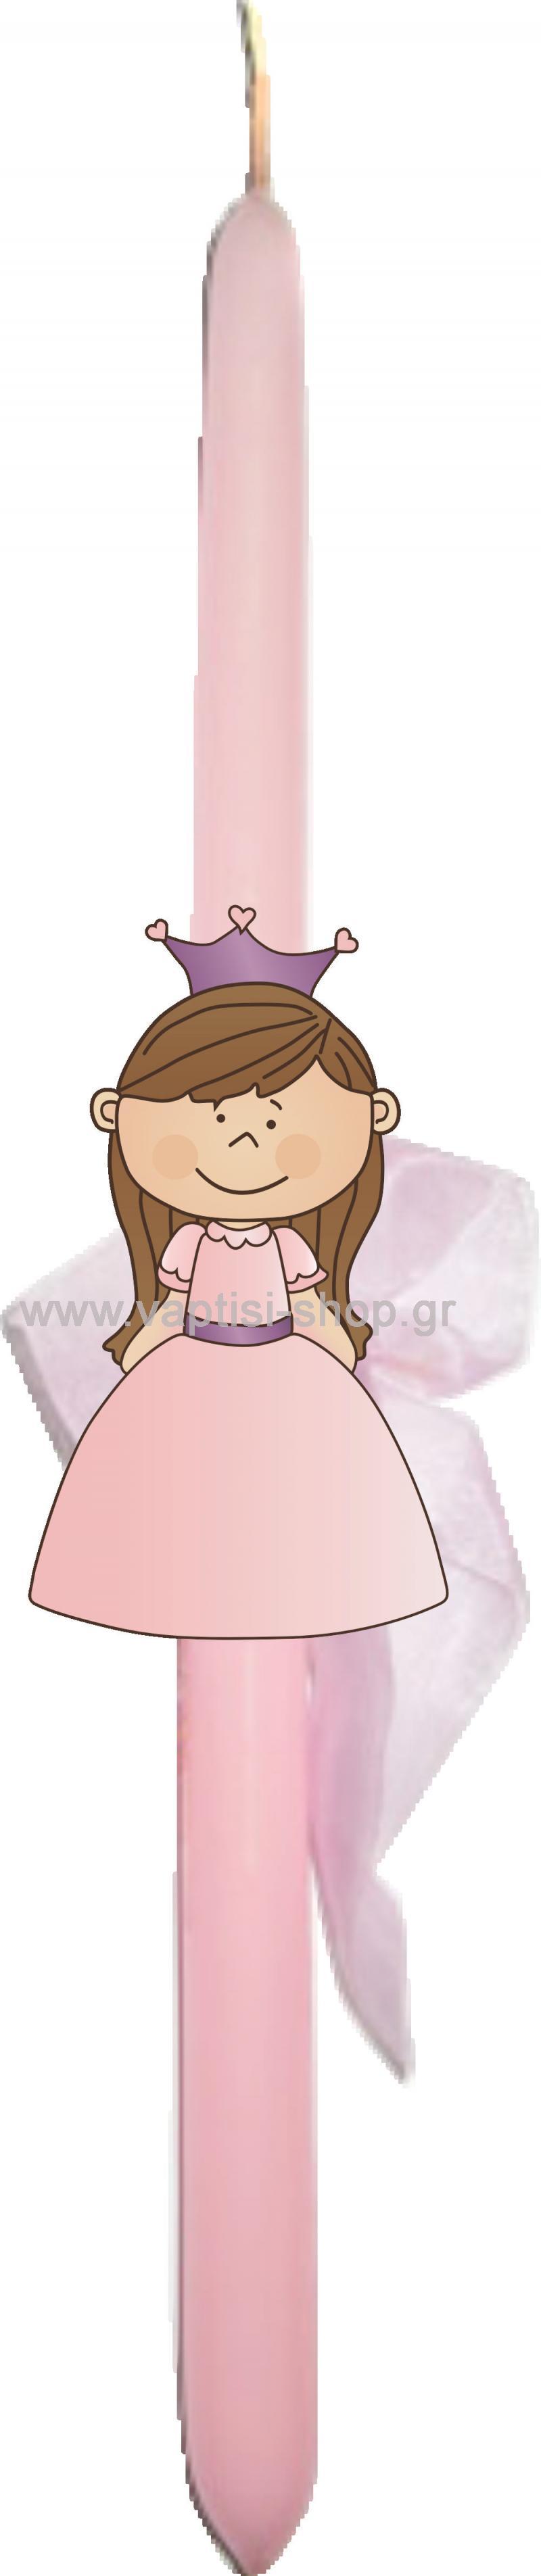 Πασχαλινή Λαμπάδα Πριγκίπισσα 2